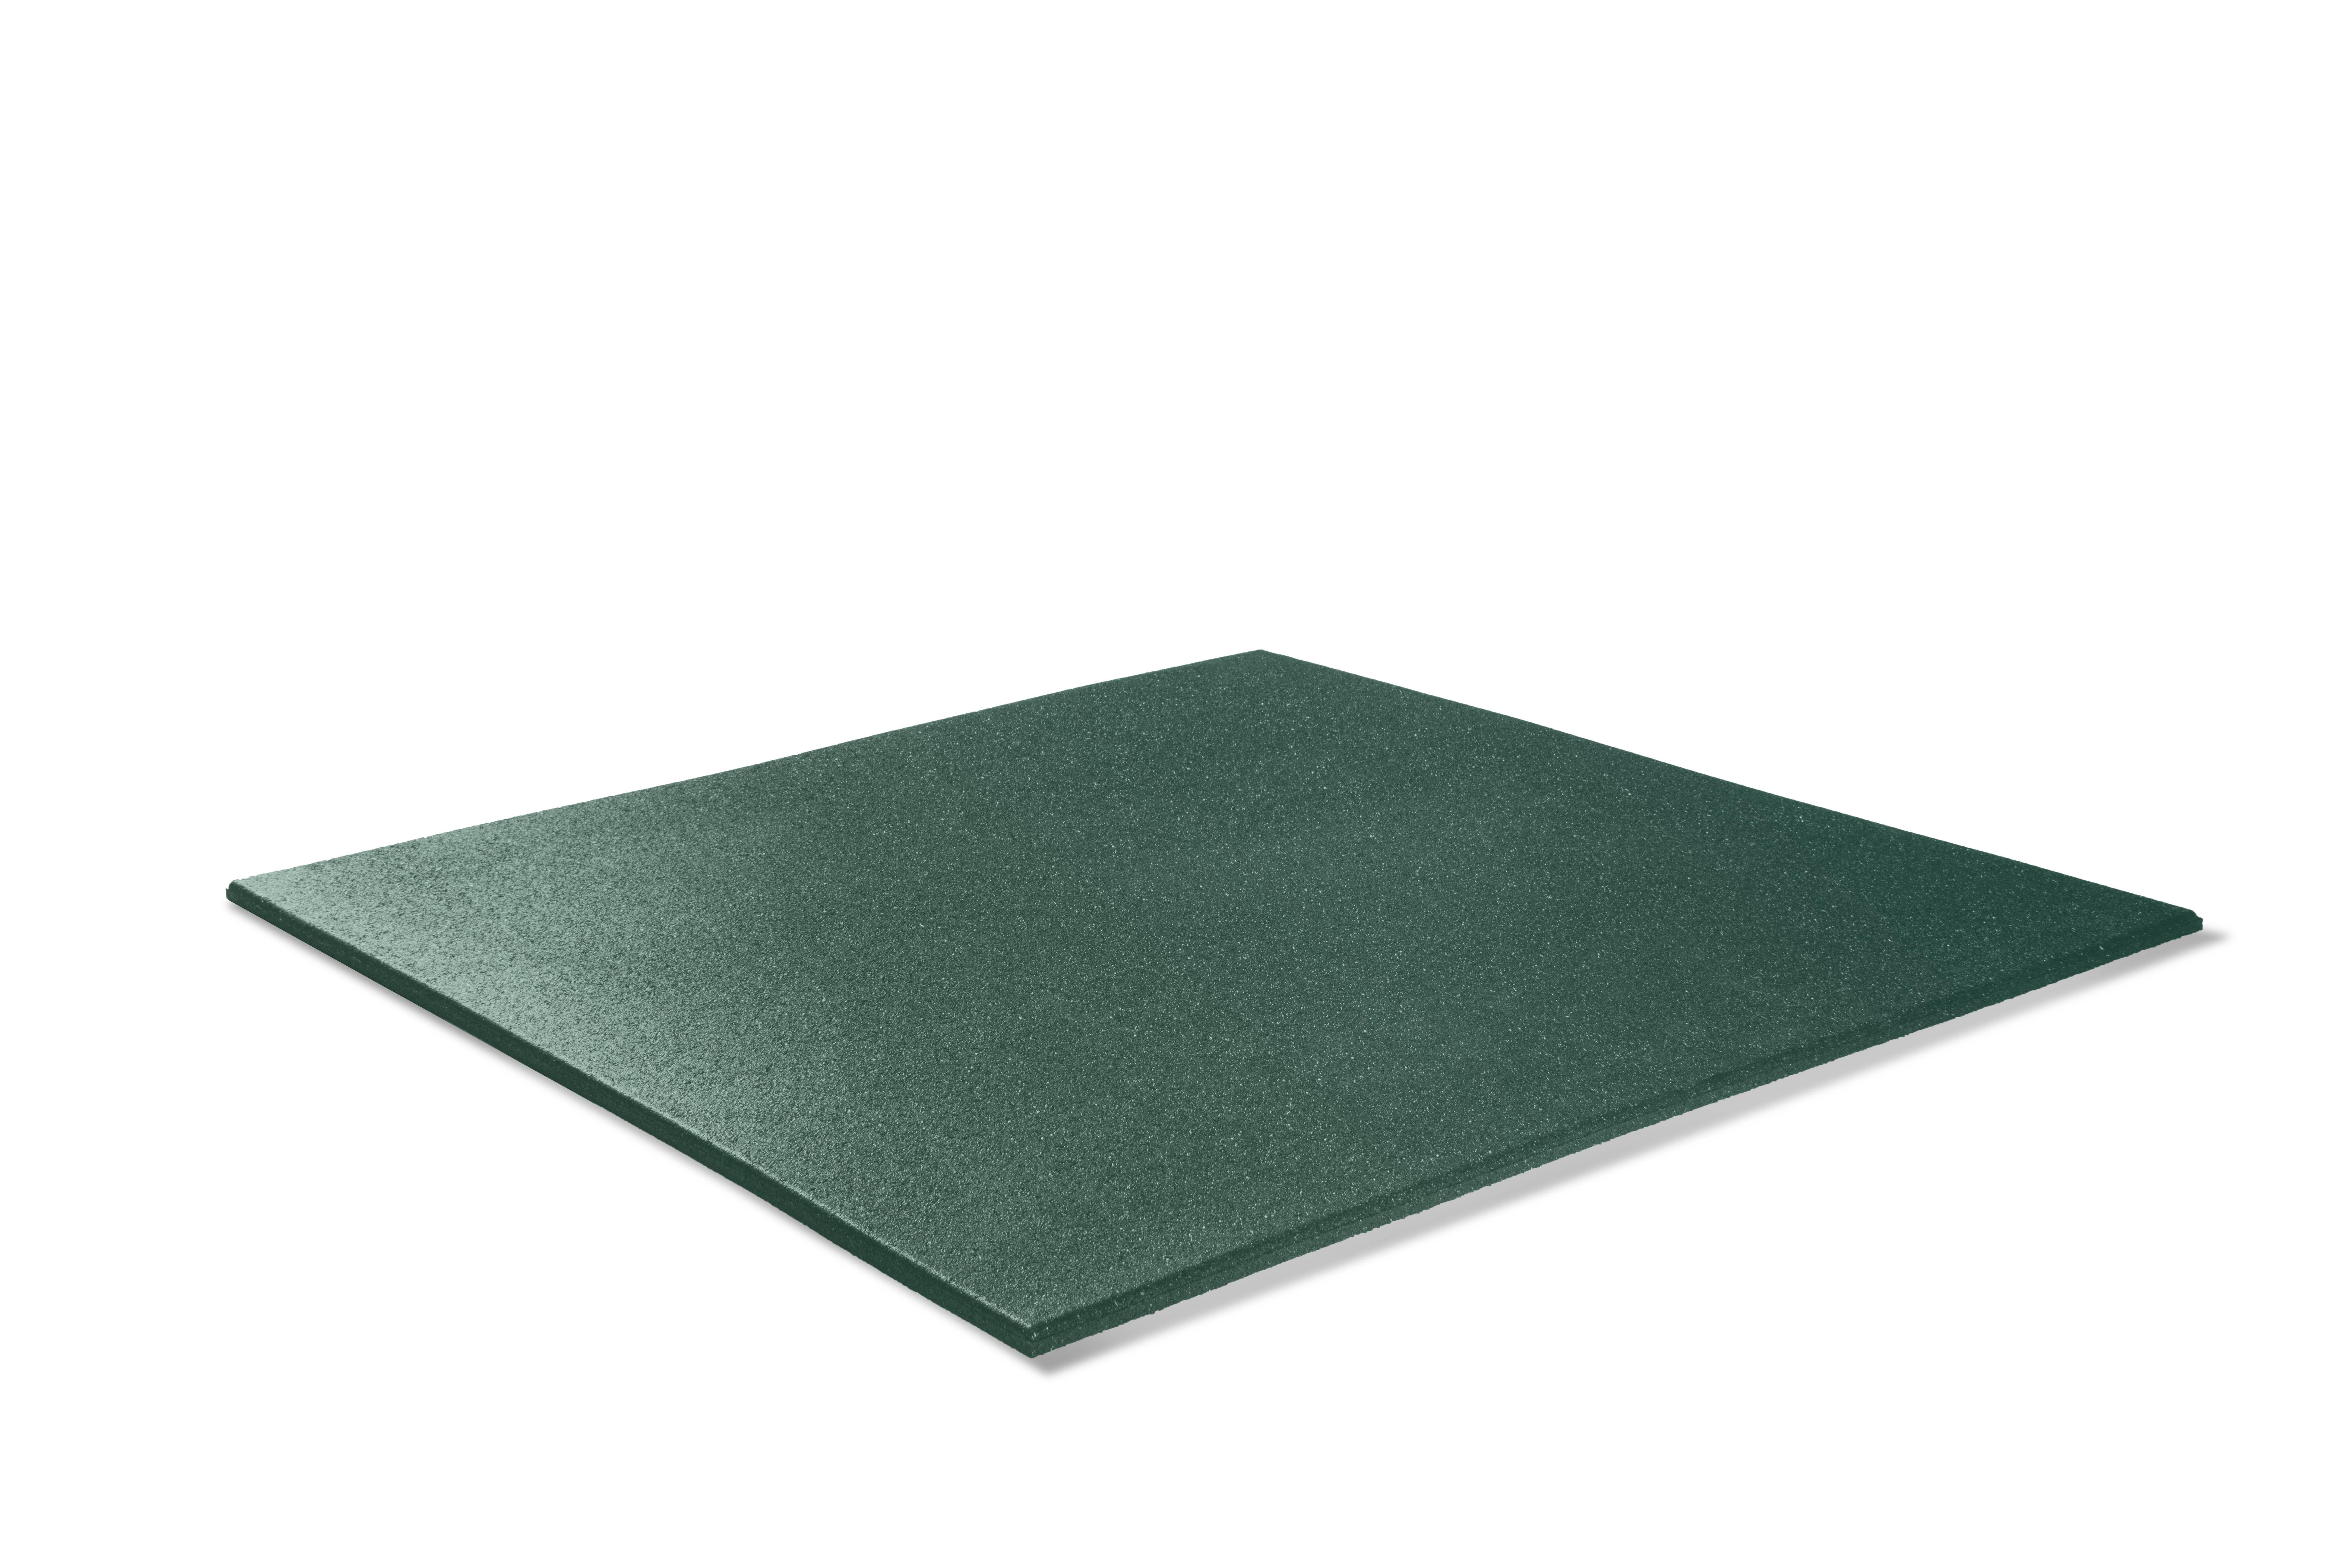 Granuflex Standard Gummiflise 1000 x 1000 x 20 mm Green